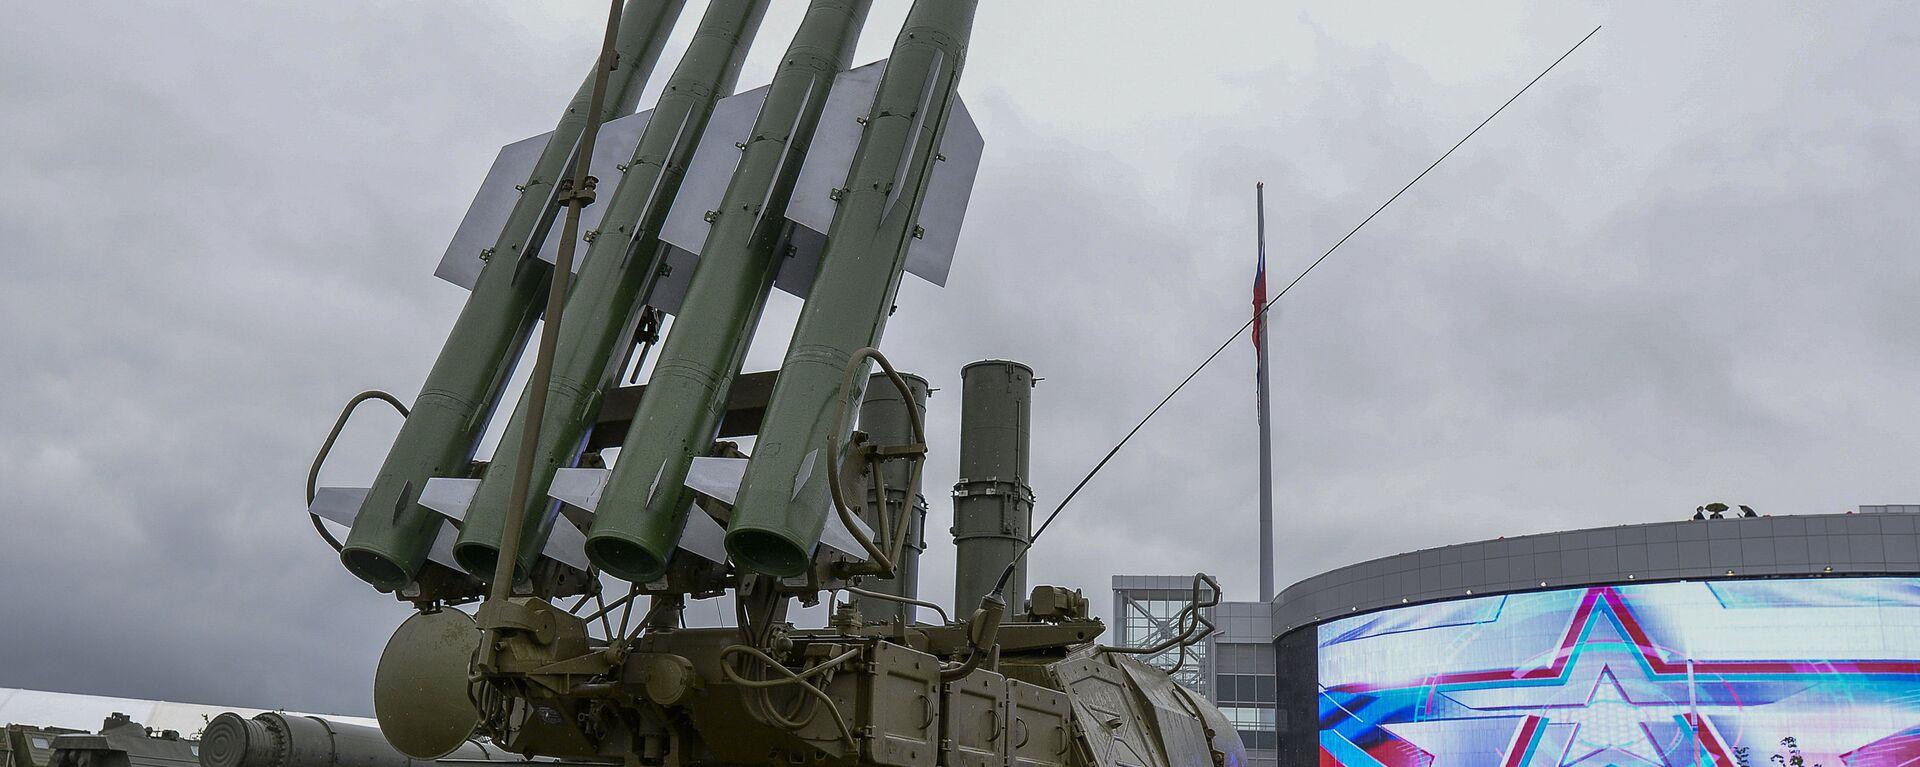 Međunarodni vojno-tehnički Forum Armija-2015- Protivavionski raketni sistem Buk-1M - Sputnik Srbija, 1920, 25.07.2021